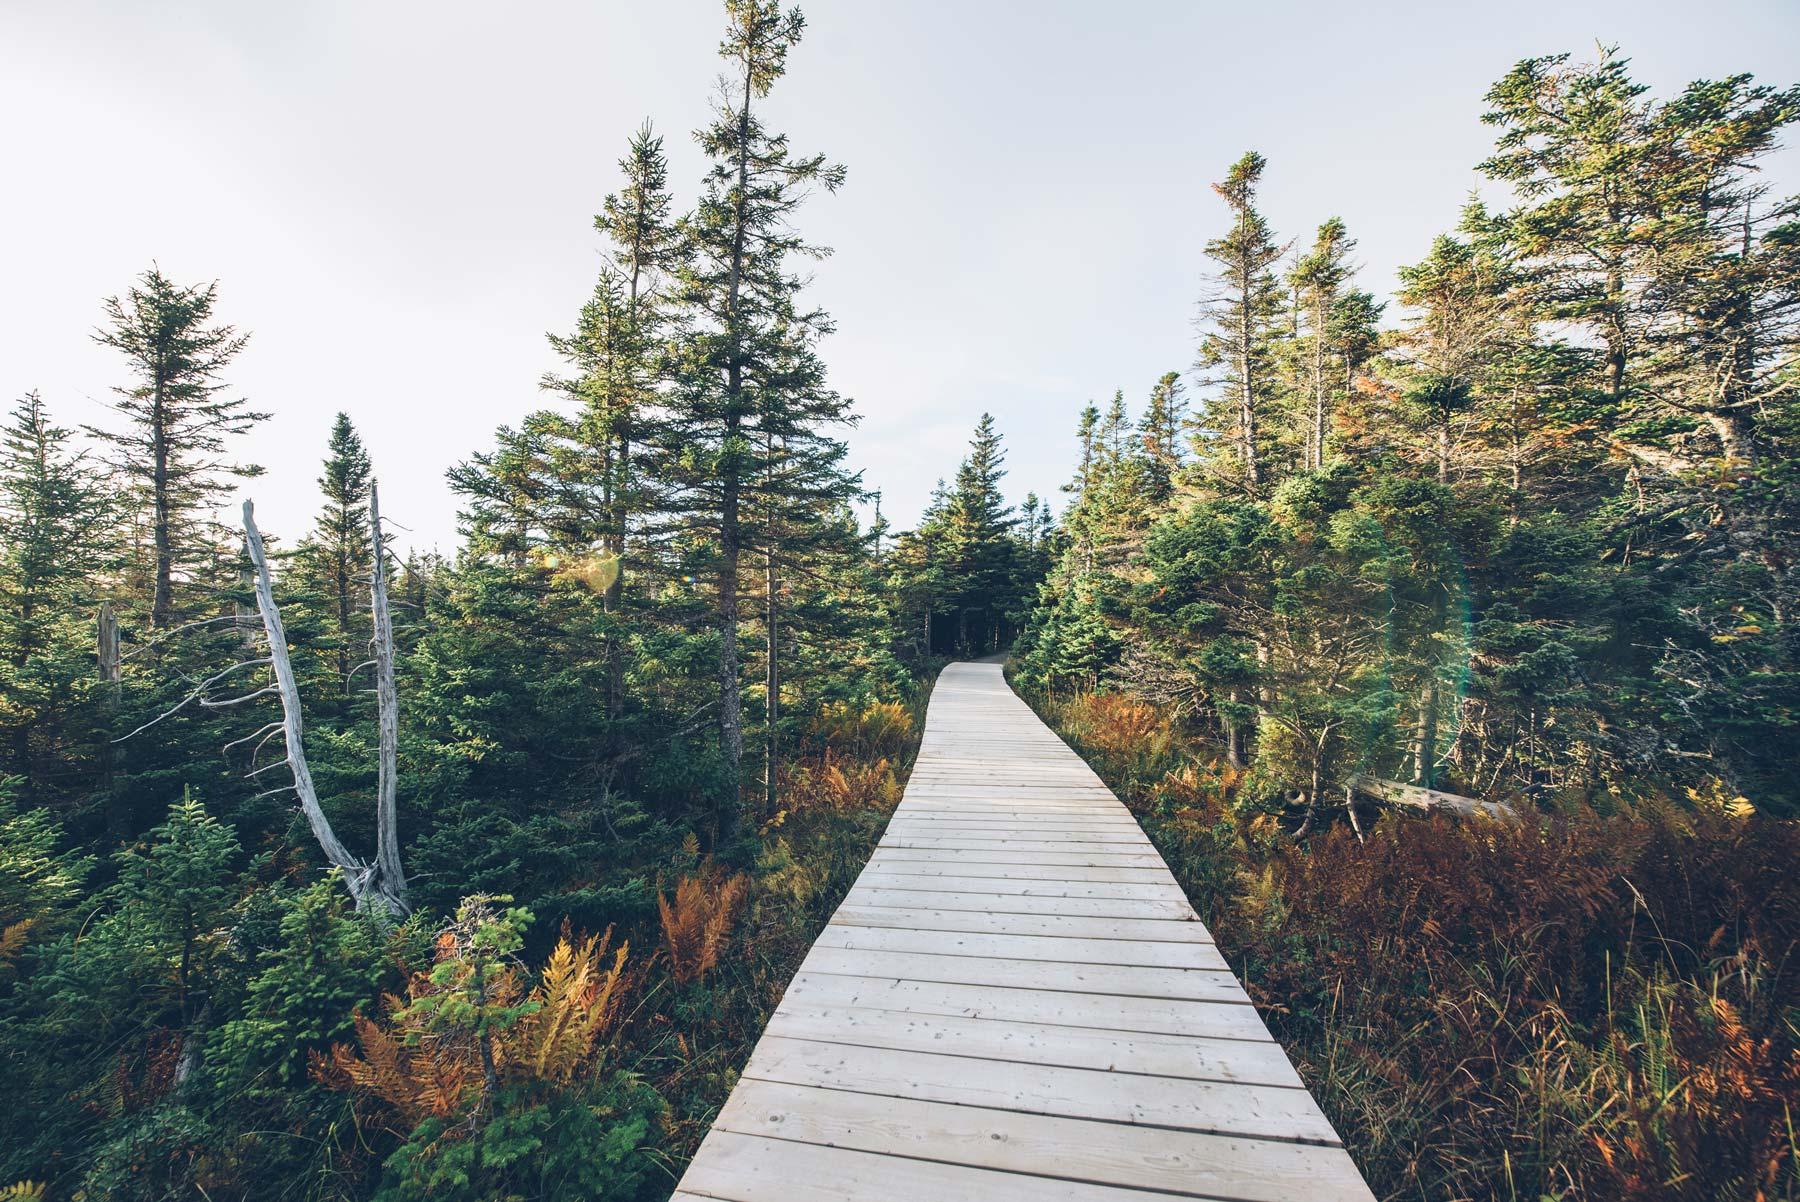 Skyline Trail, Canada